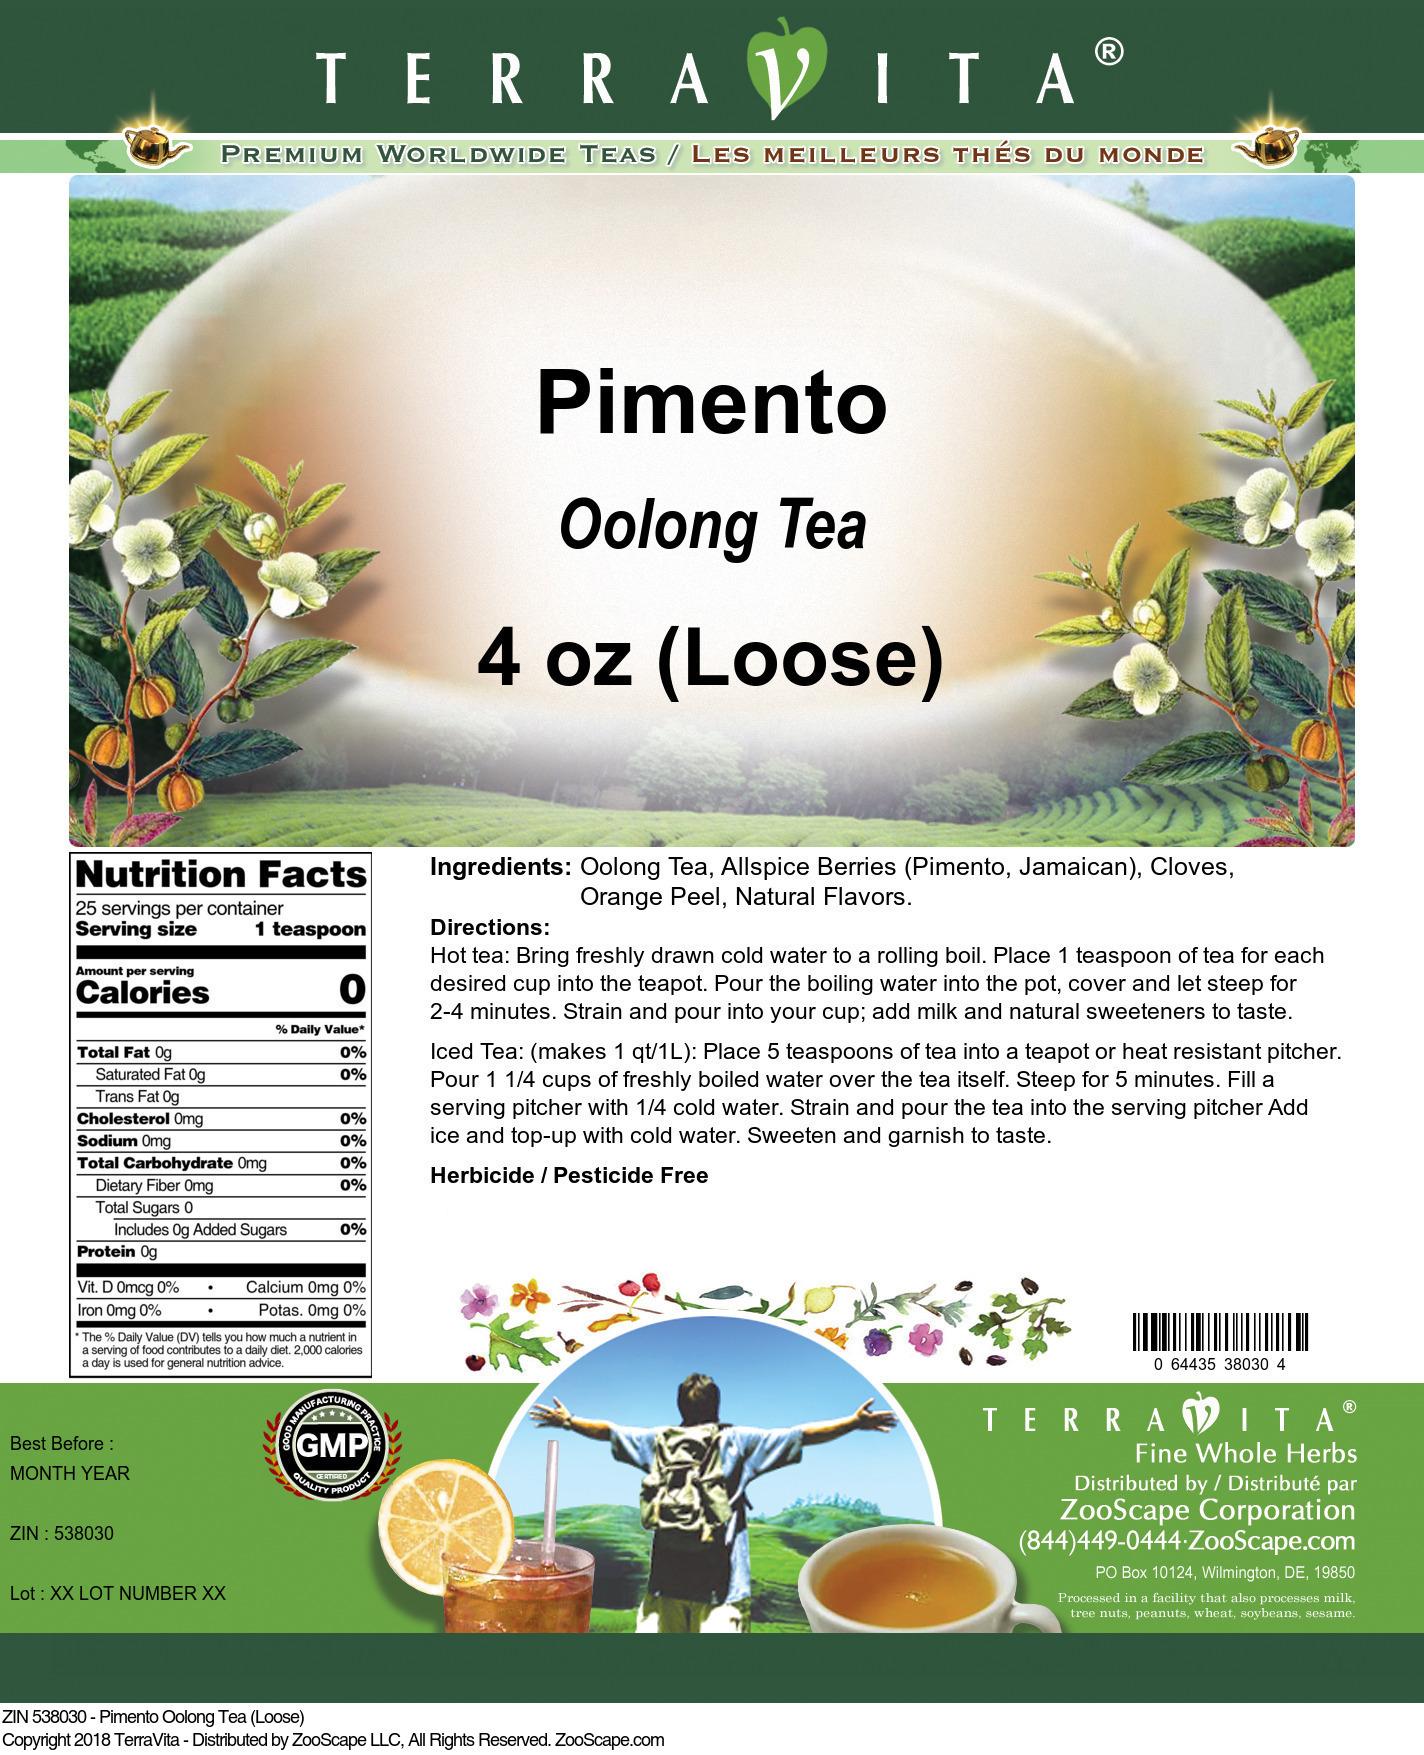 Pimento Oolong Tea (Loose)